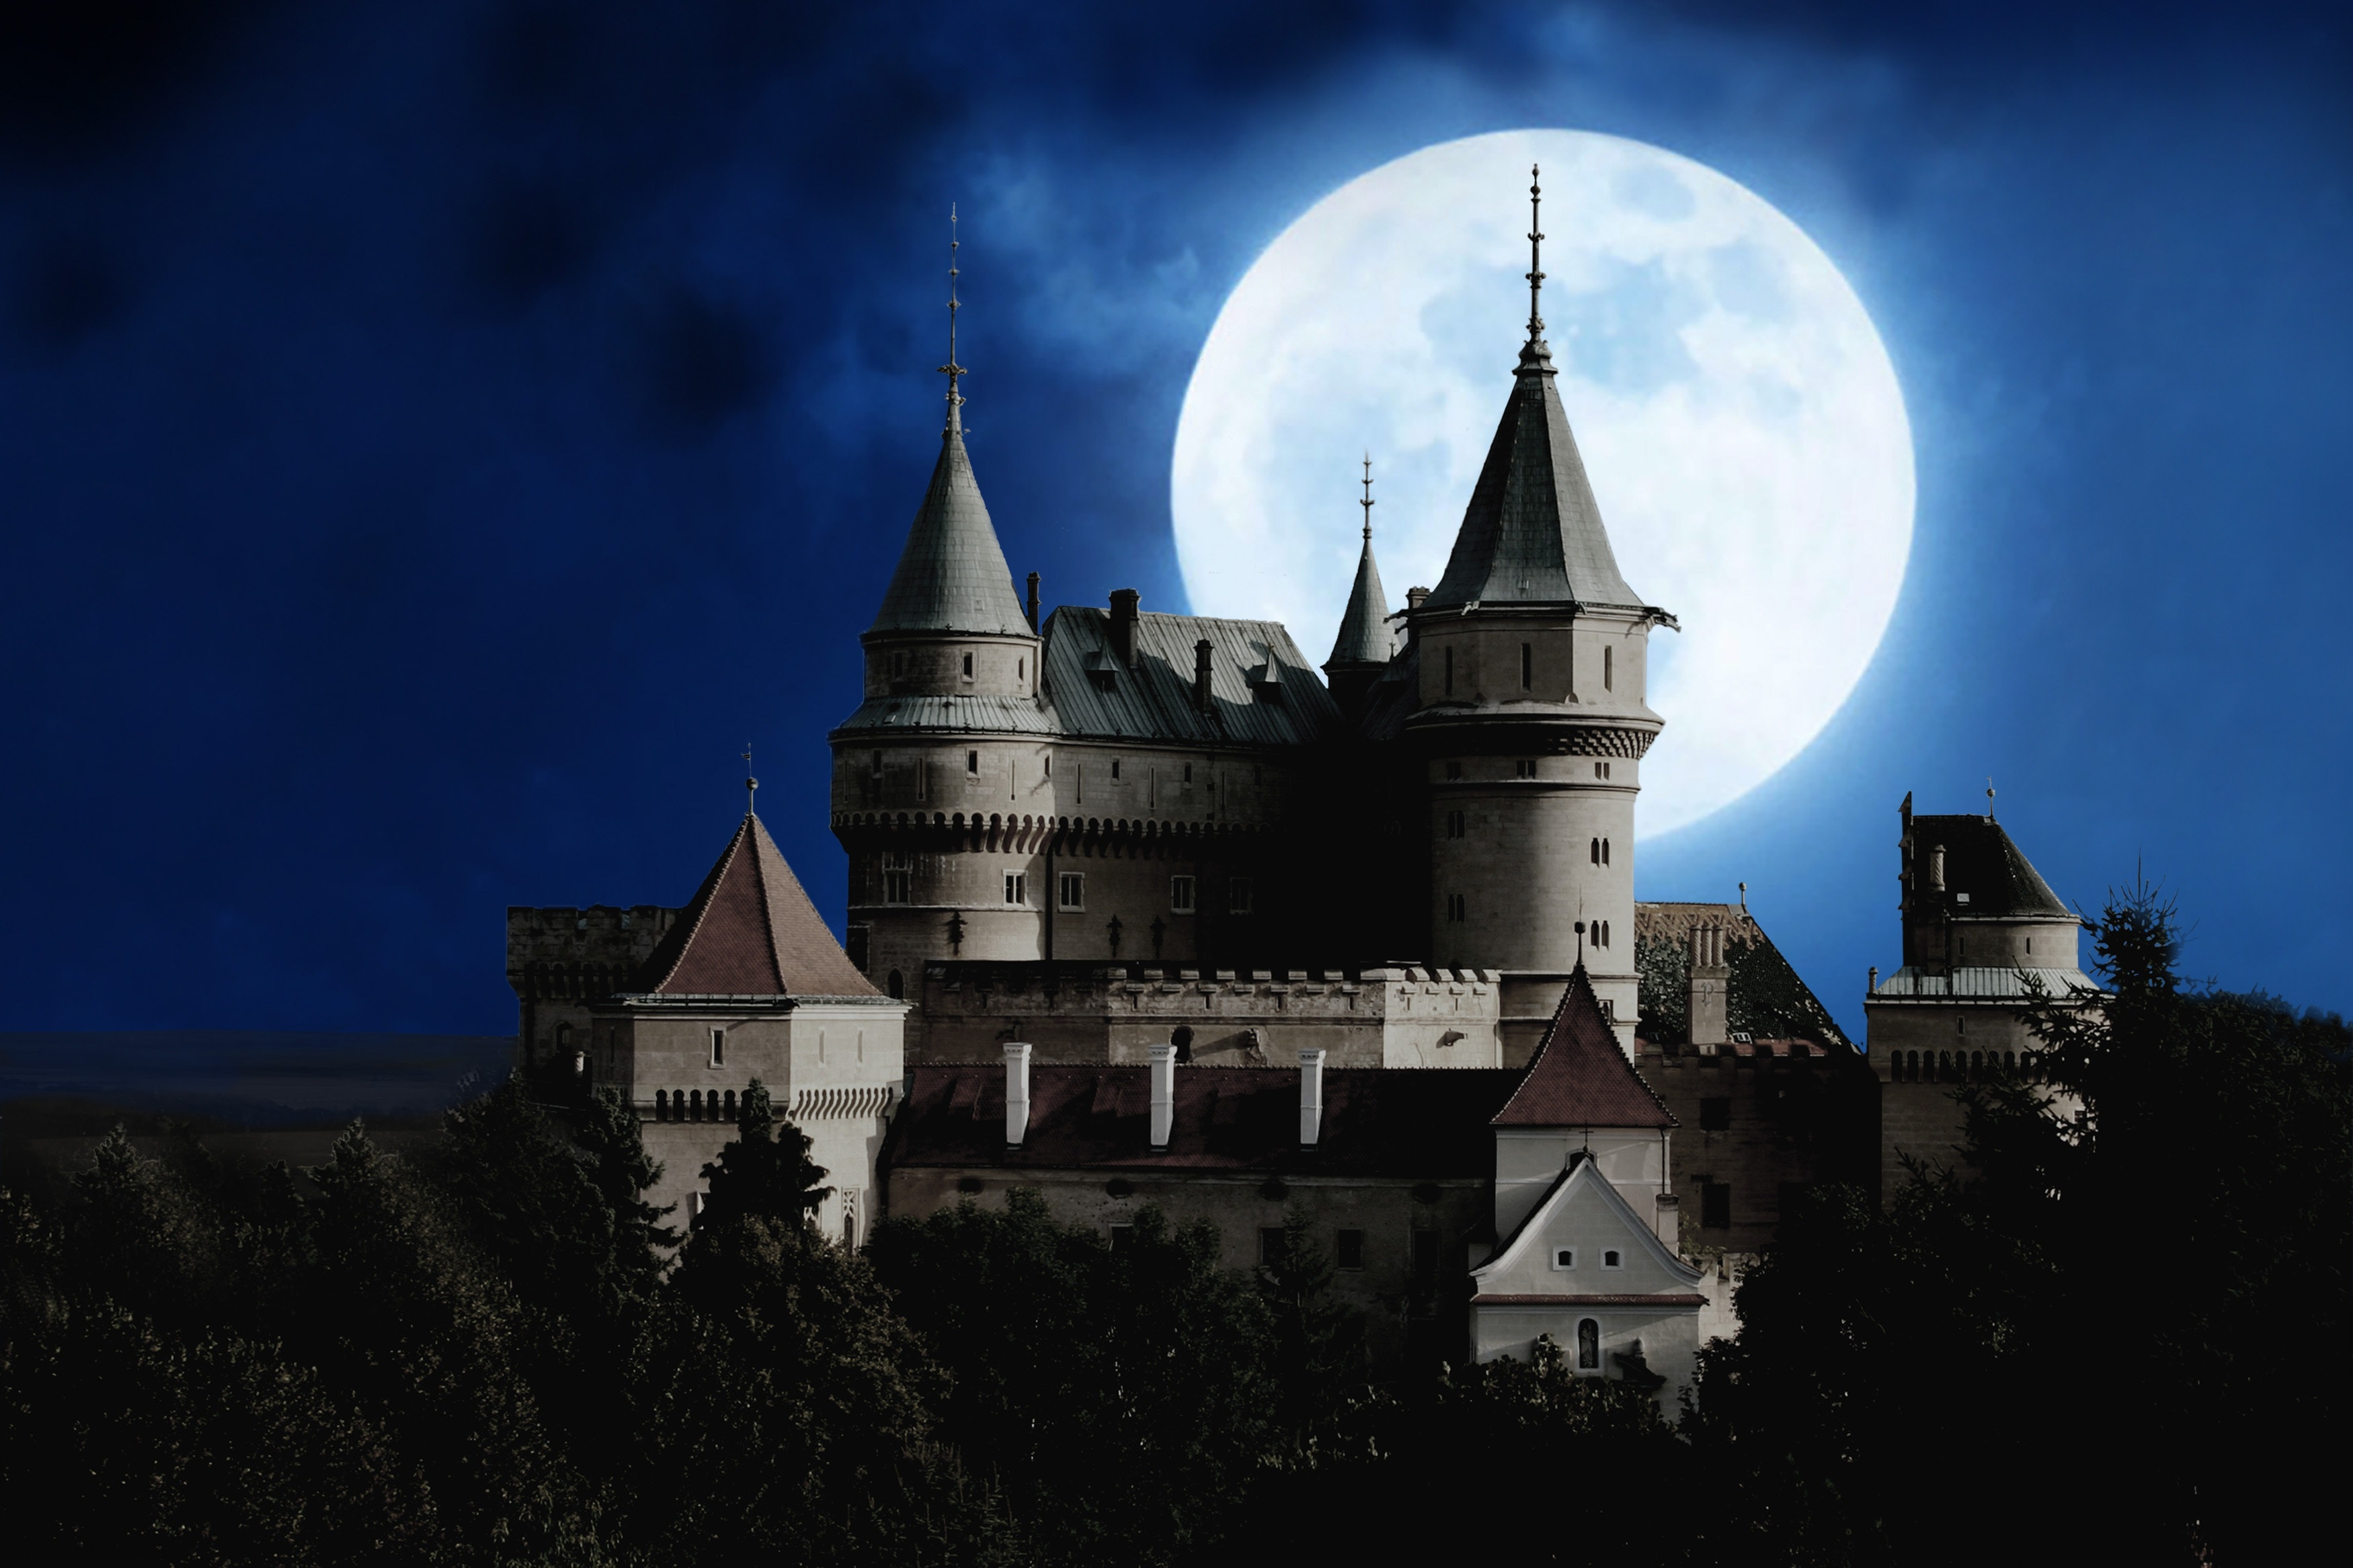 architecture-building-castle-417274